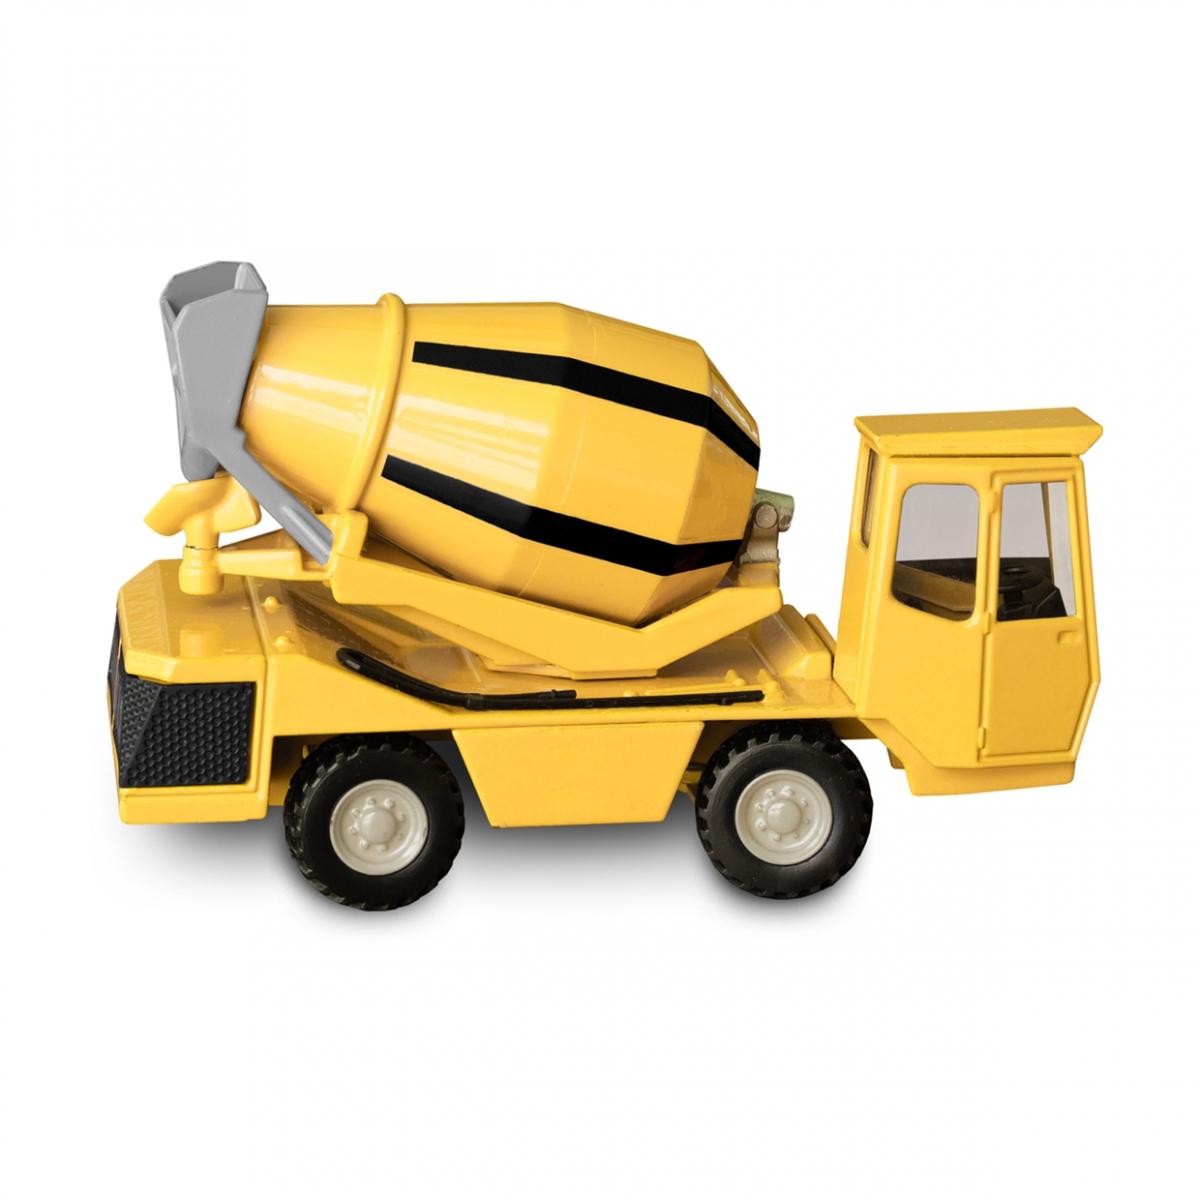 Imagen en la que se ve un camión hormigonera